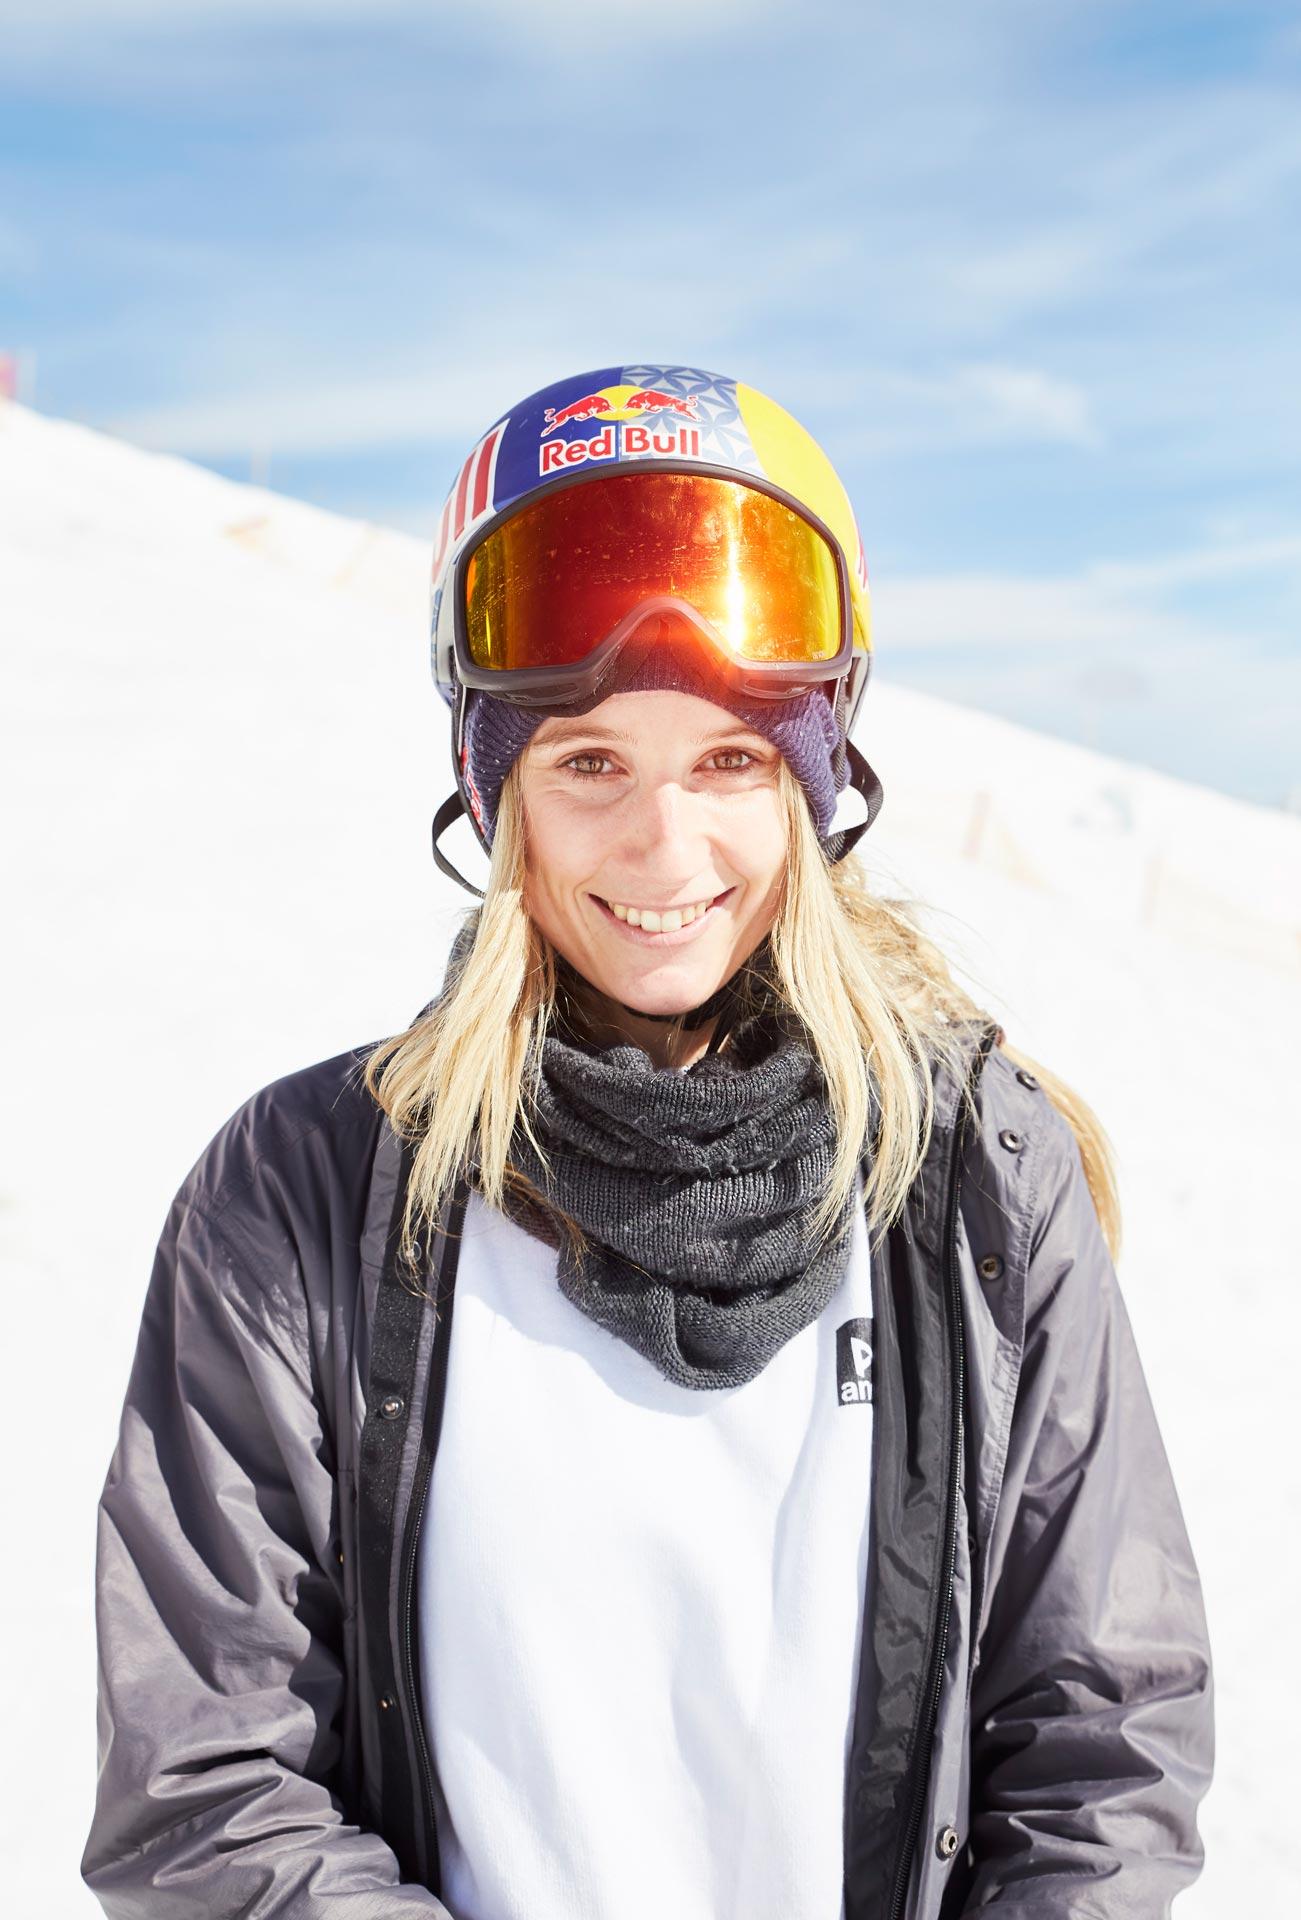 Anna Gasser, frisch gekürter World Champion, ist ebenfalls in Flauchwinkl mit am Start.